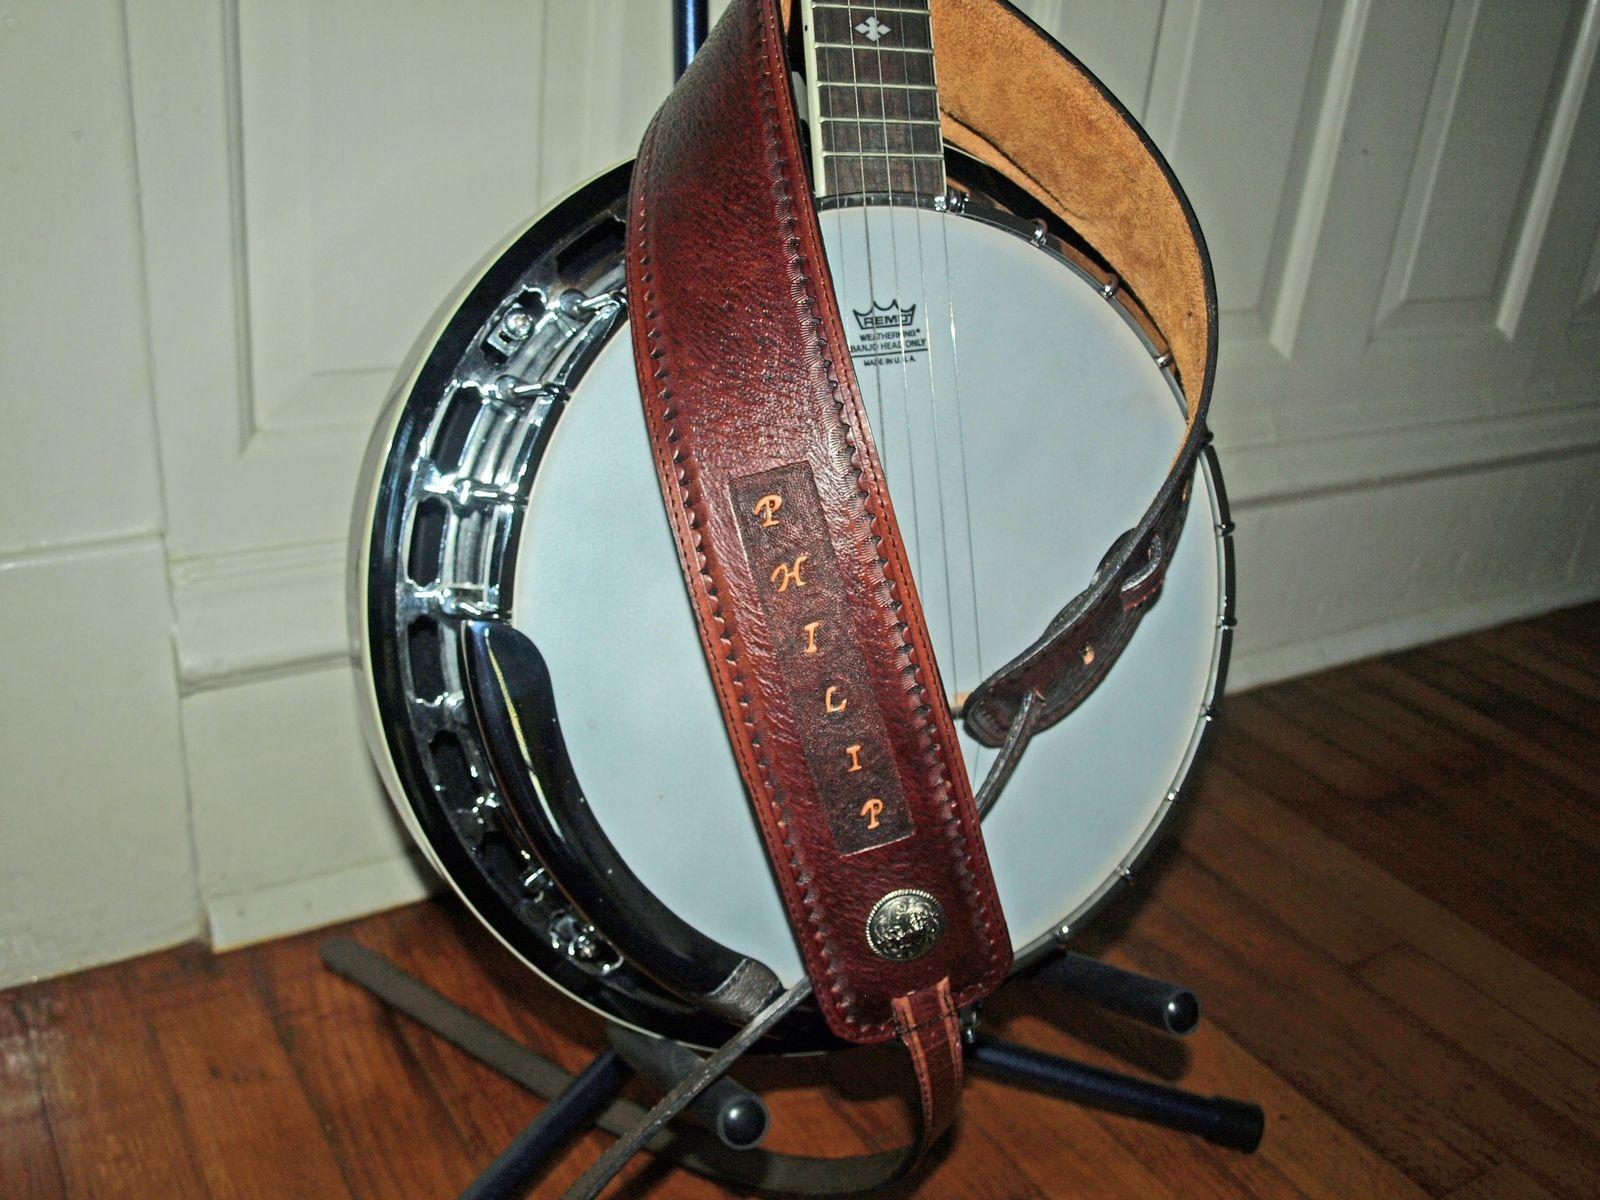 handmade custom design leather banjo strap by dave 39 s hide designs. Black Bedroom Furniture Sets. Home Design Ideas